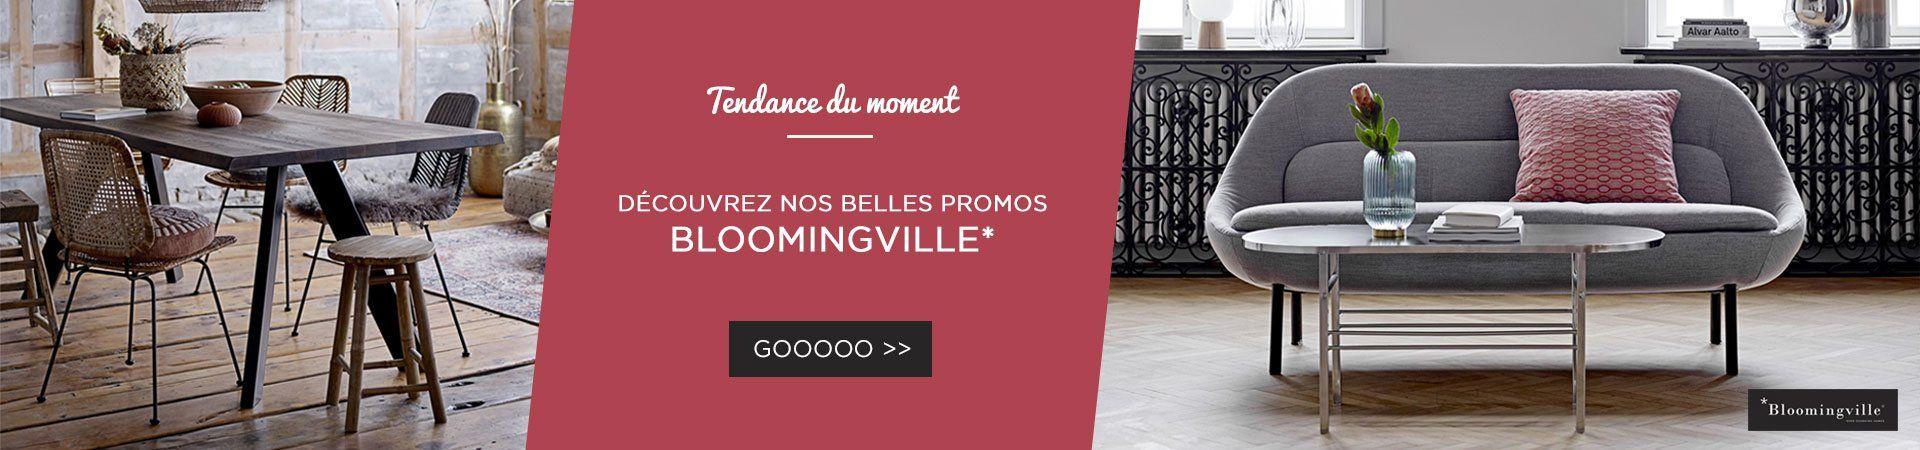 Craquez pour la marque Bloomingville : mobilier de qualité, hyper tendance. -10% cette semaine